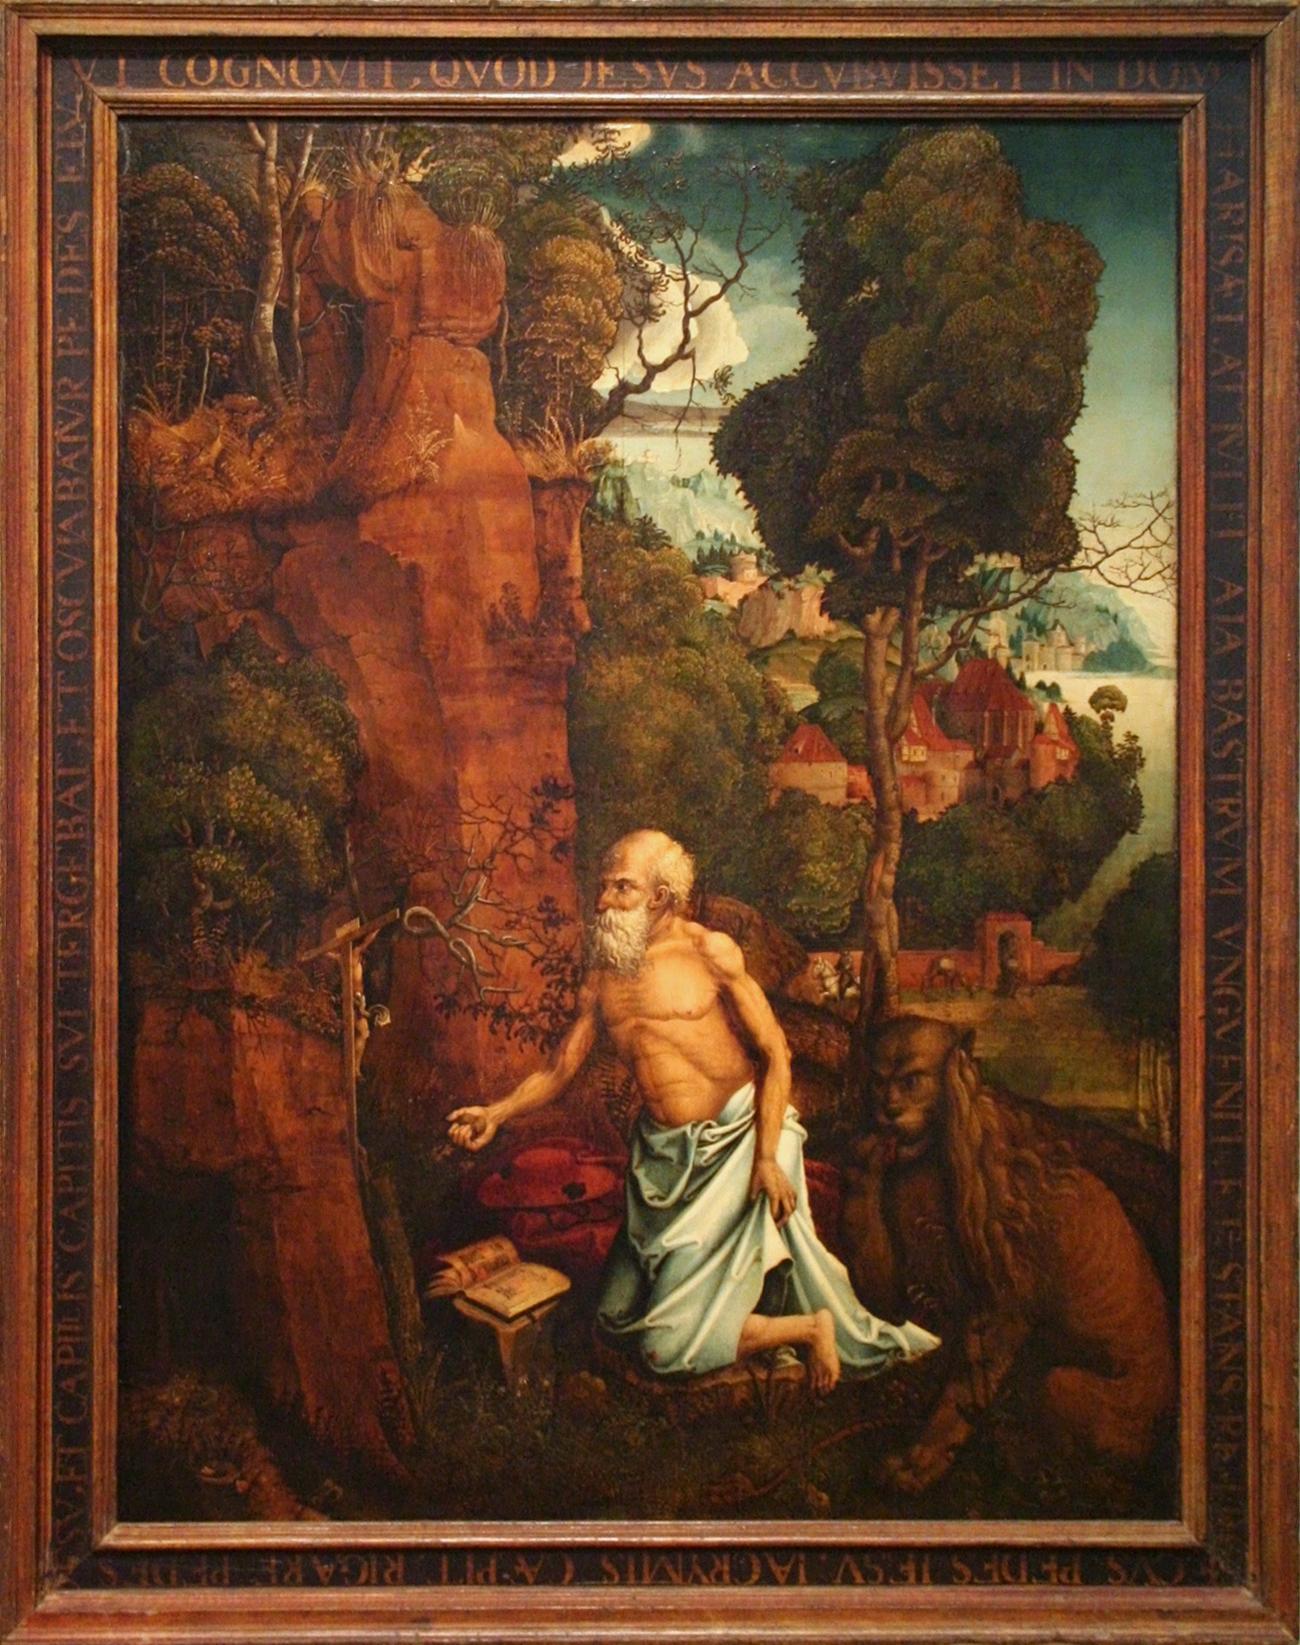 Hans_Durer_-_The_Penitent_St_Jerome_in_a_landscape